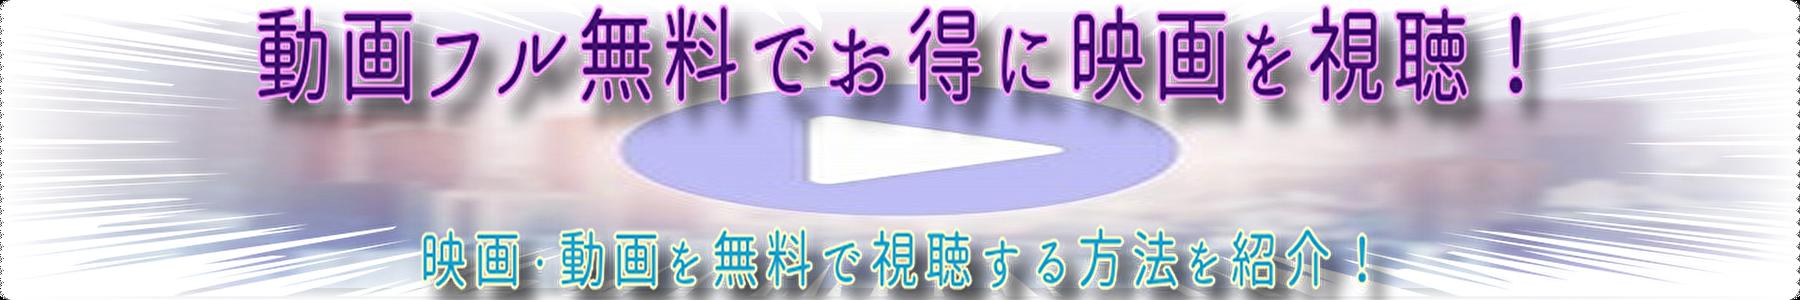 動画フル無料でお得に映画を視聴!